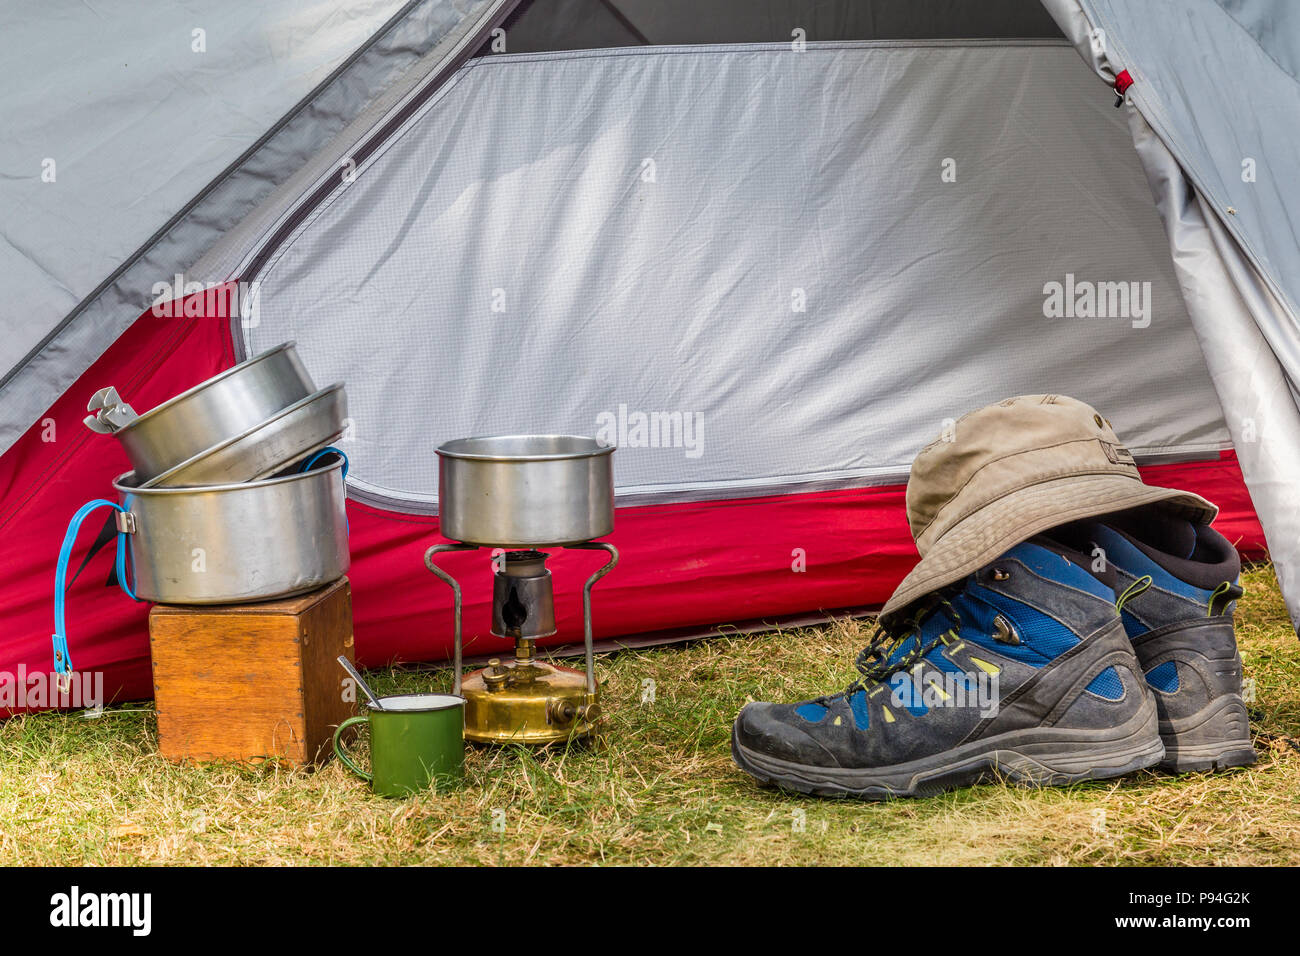 Kochutensilien auf einem Campingplatz Stockbild